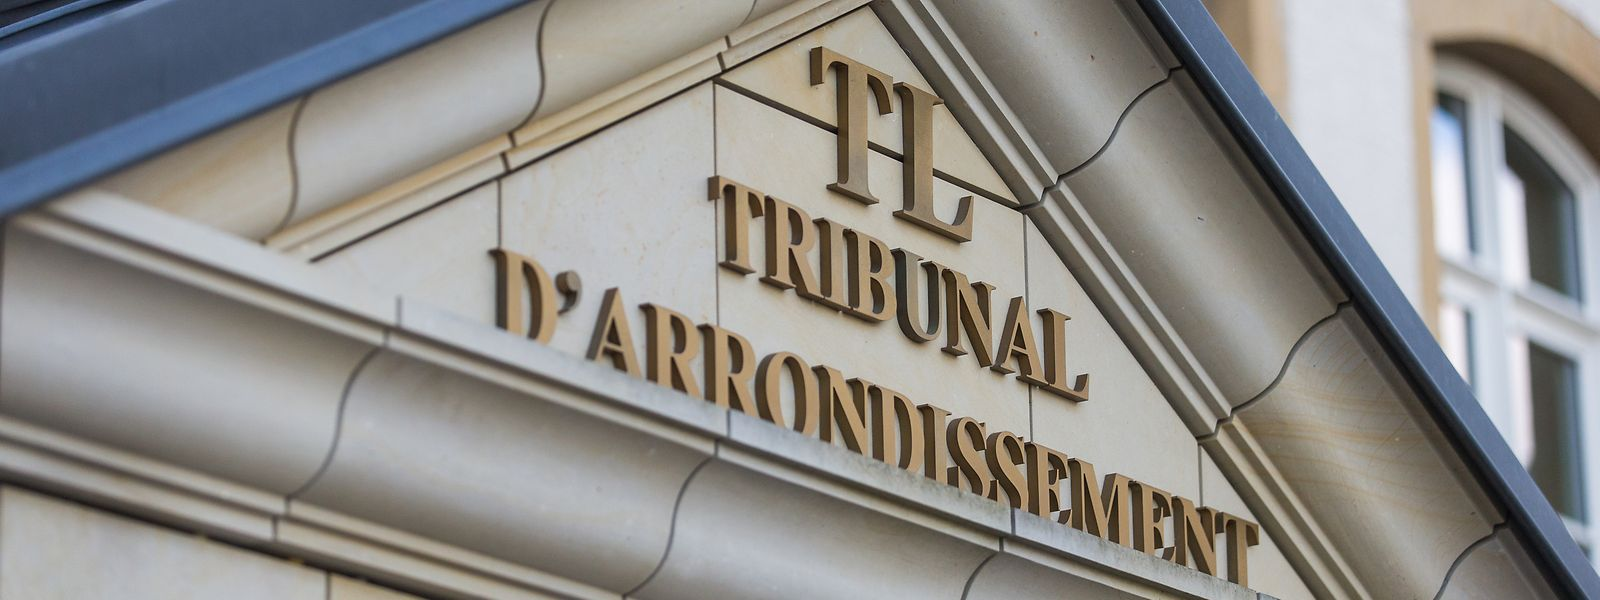 Die Richter fällen ihr Urteil am 4. Februar.